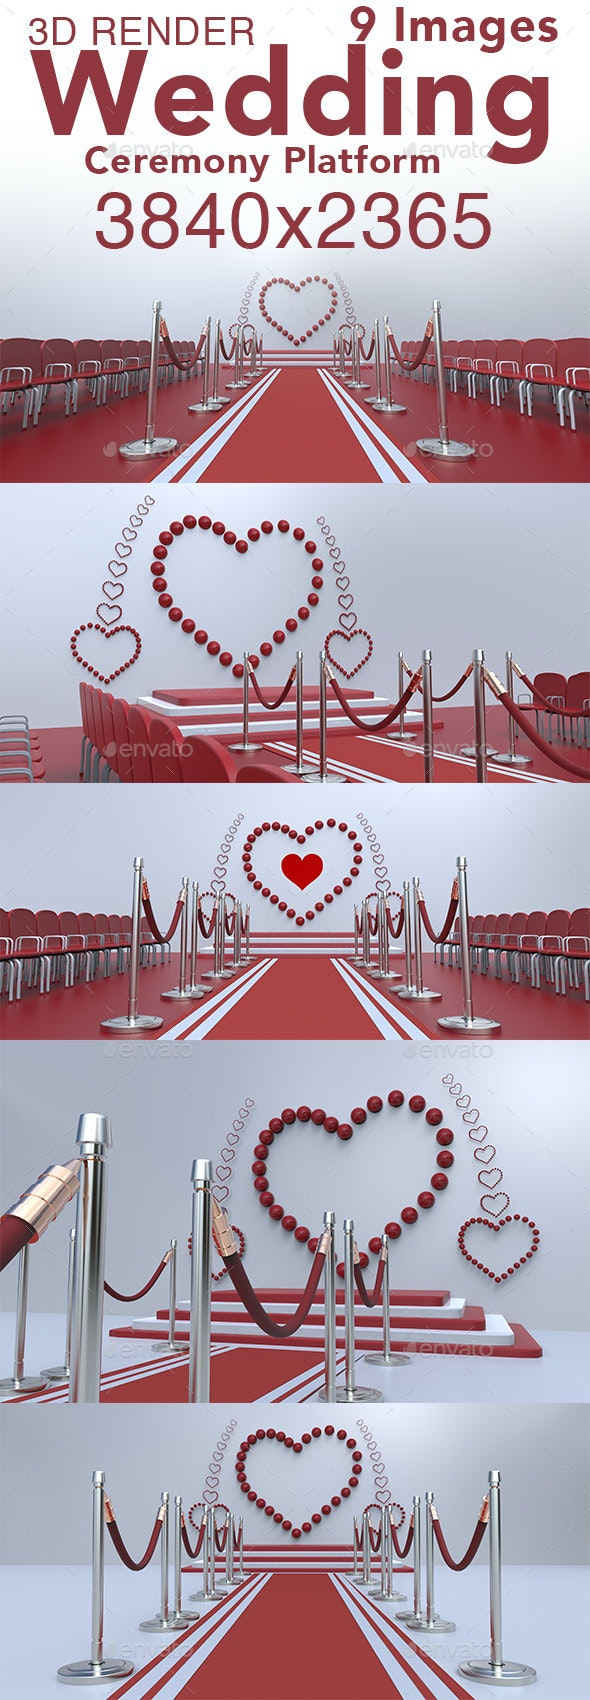 Wedding Ceremony Platform - 3D Backgrounds